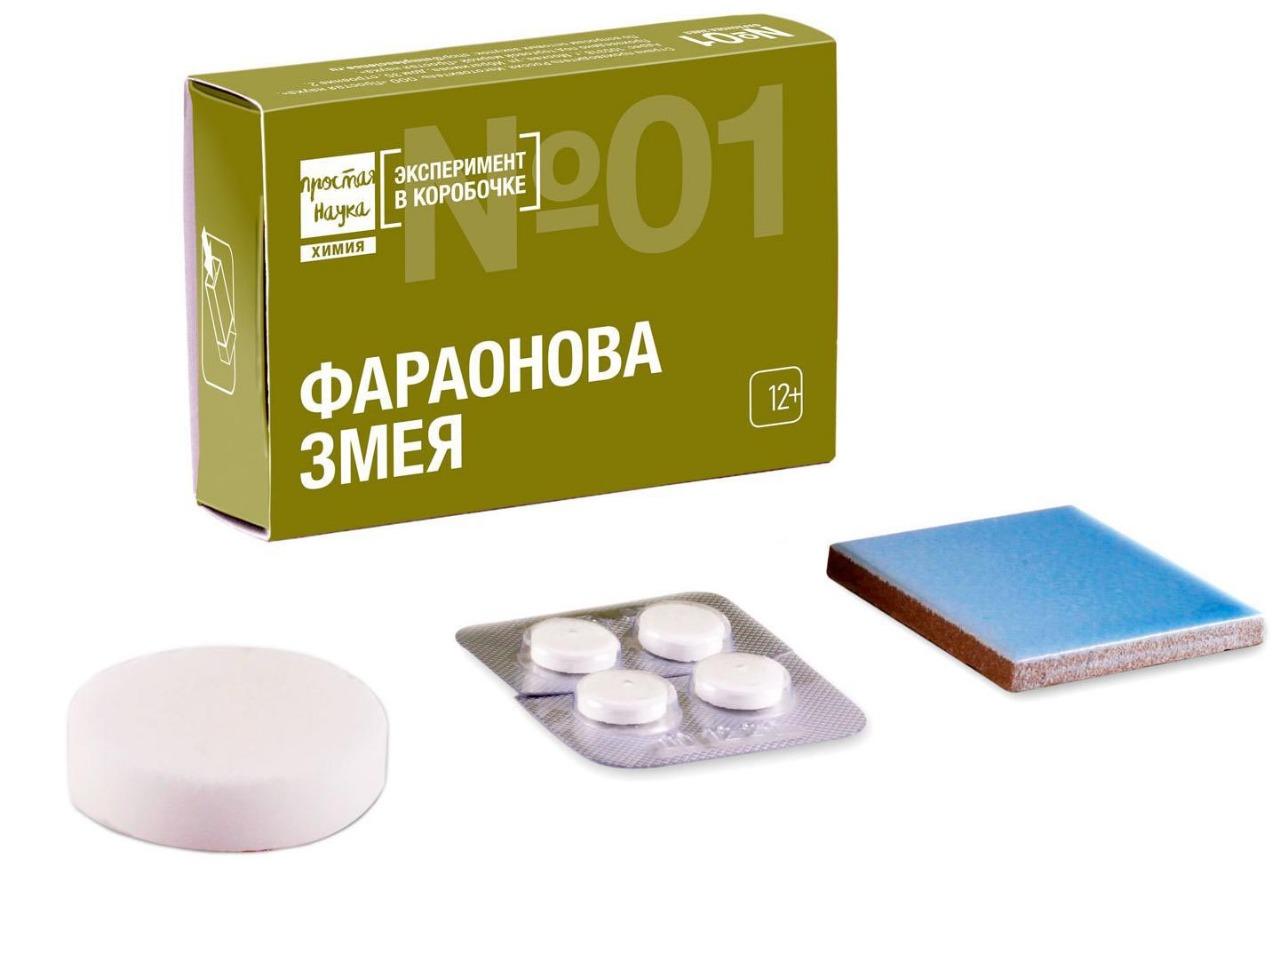 Химические опыты за 200р.